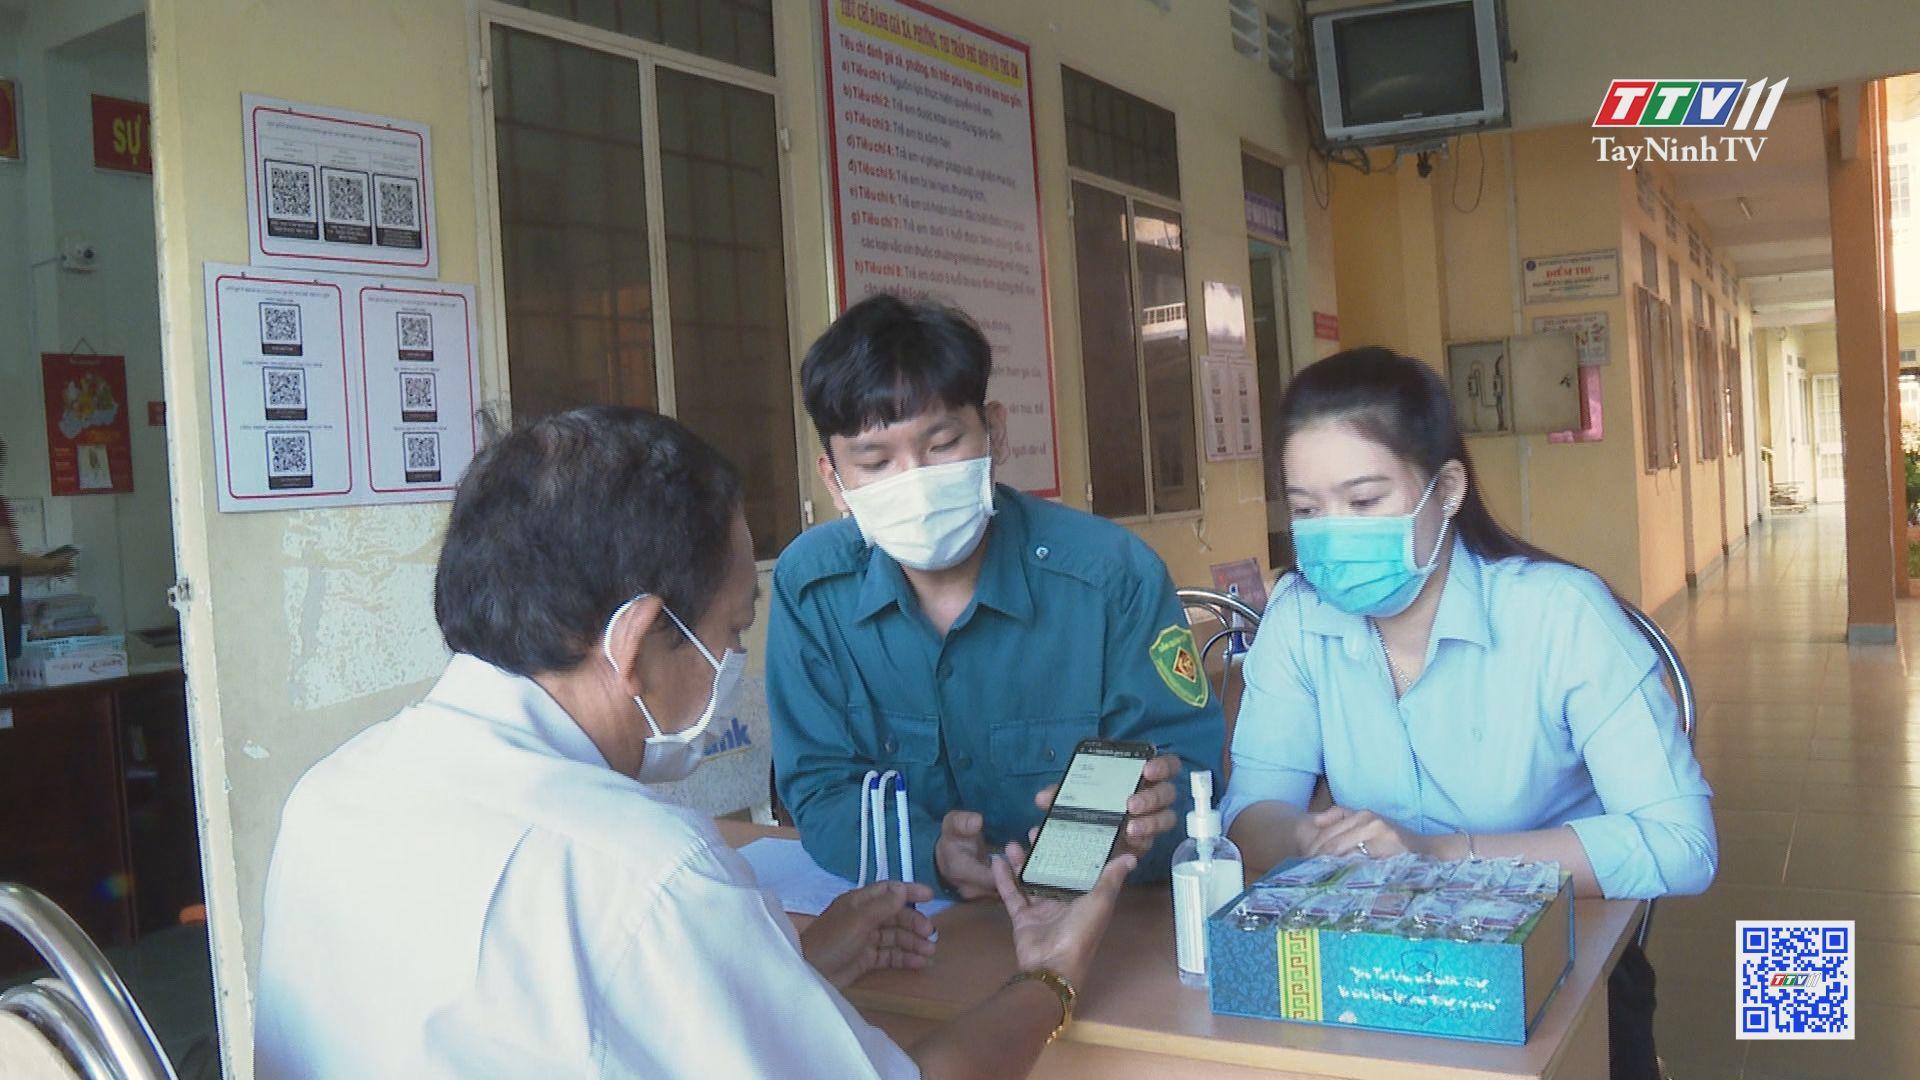 Ứng dụng mã QR trong giải quyết thủ tục hành chính | CẢI CÁCH HÀNH CHÍNH | TayNinhTV